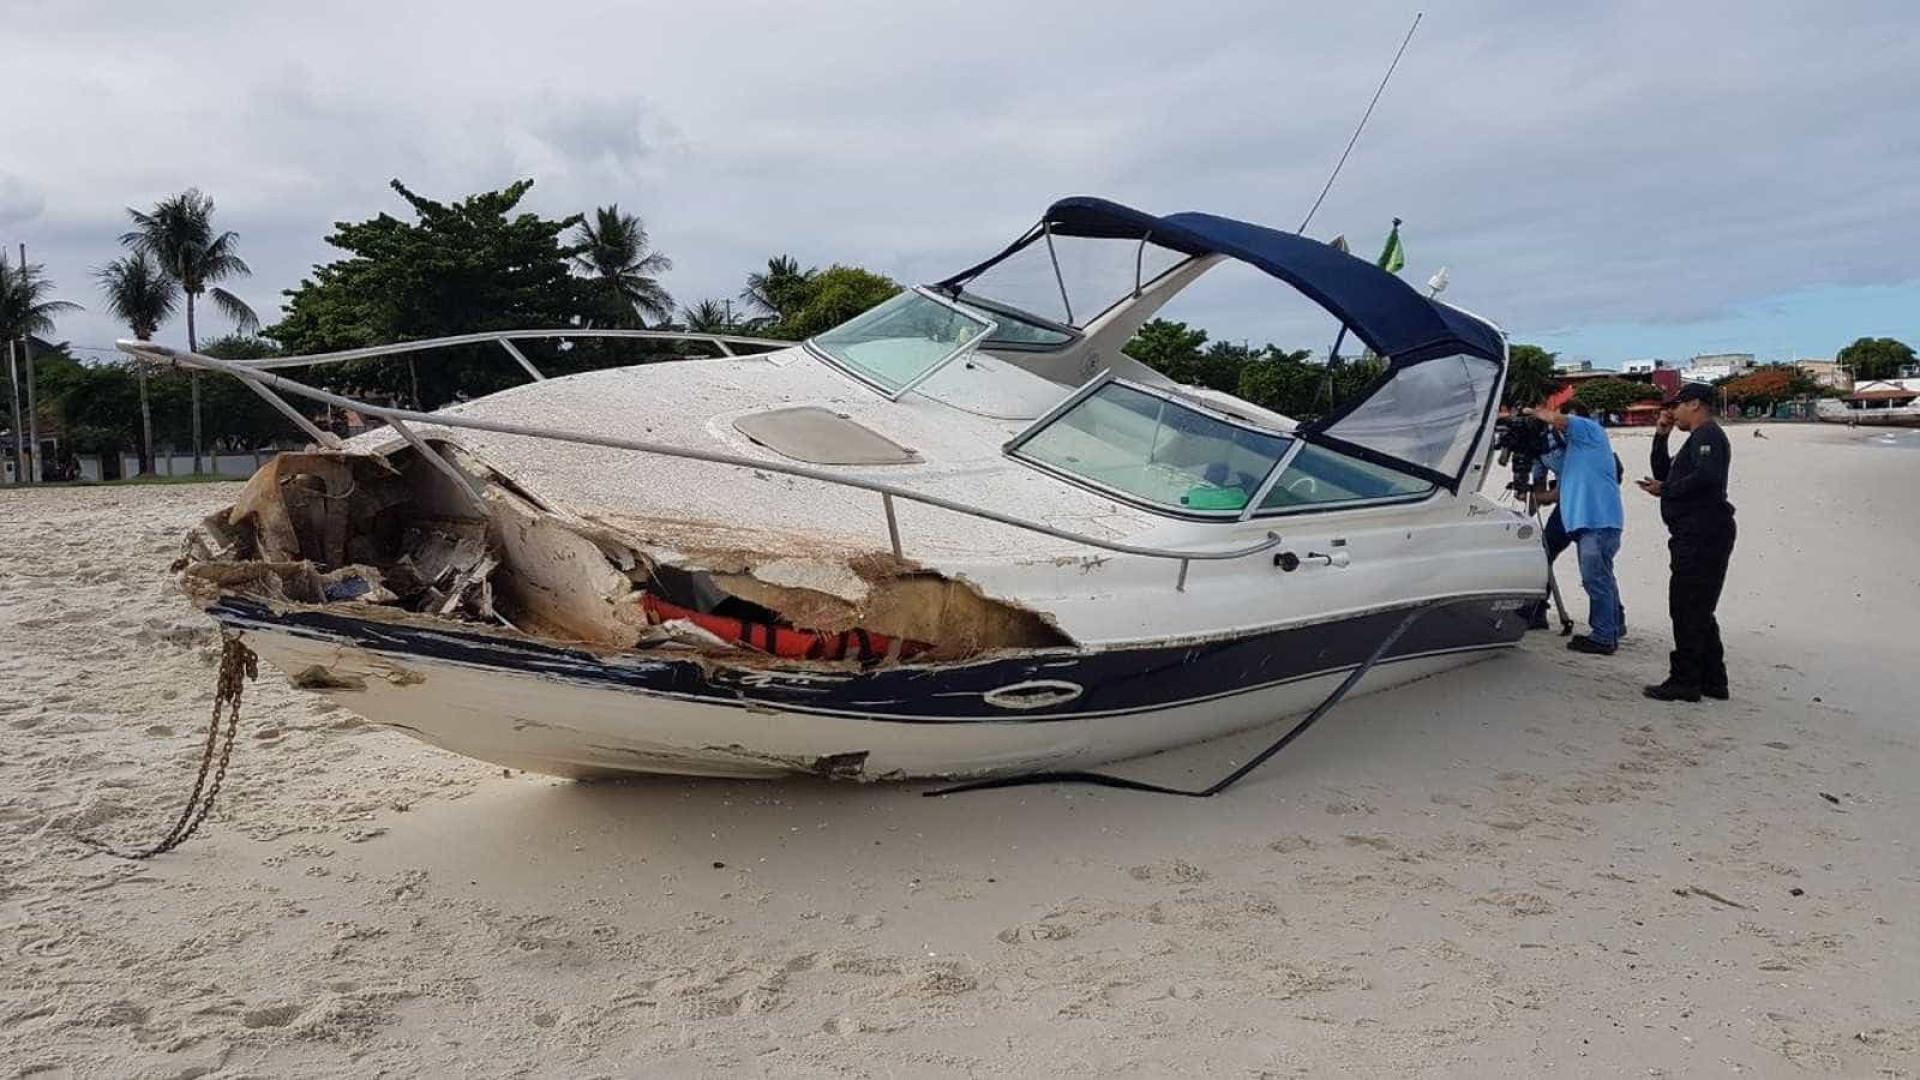 Lancha com 71,5 kg de explosivos é achada na Baía de Todos os Santos